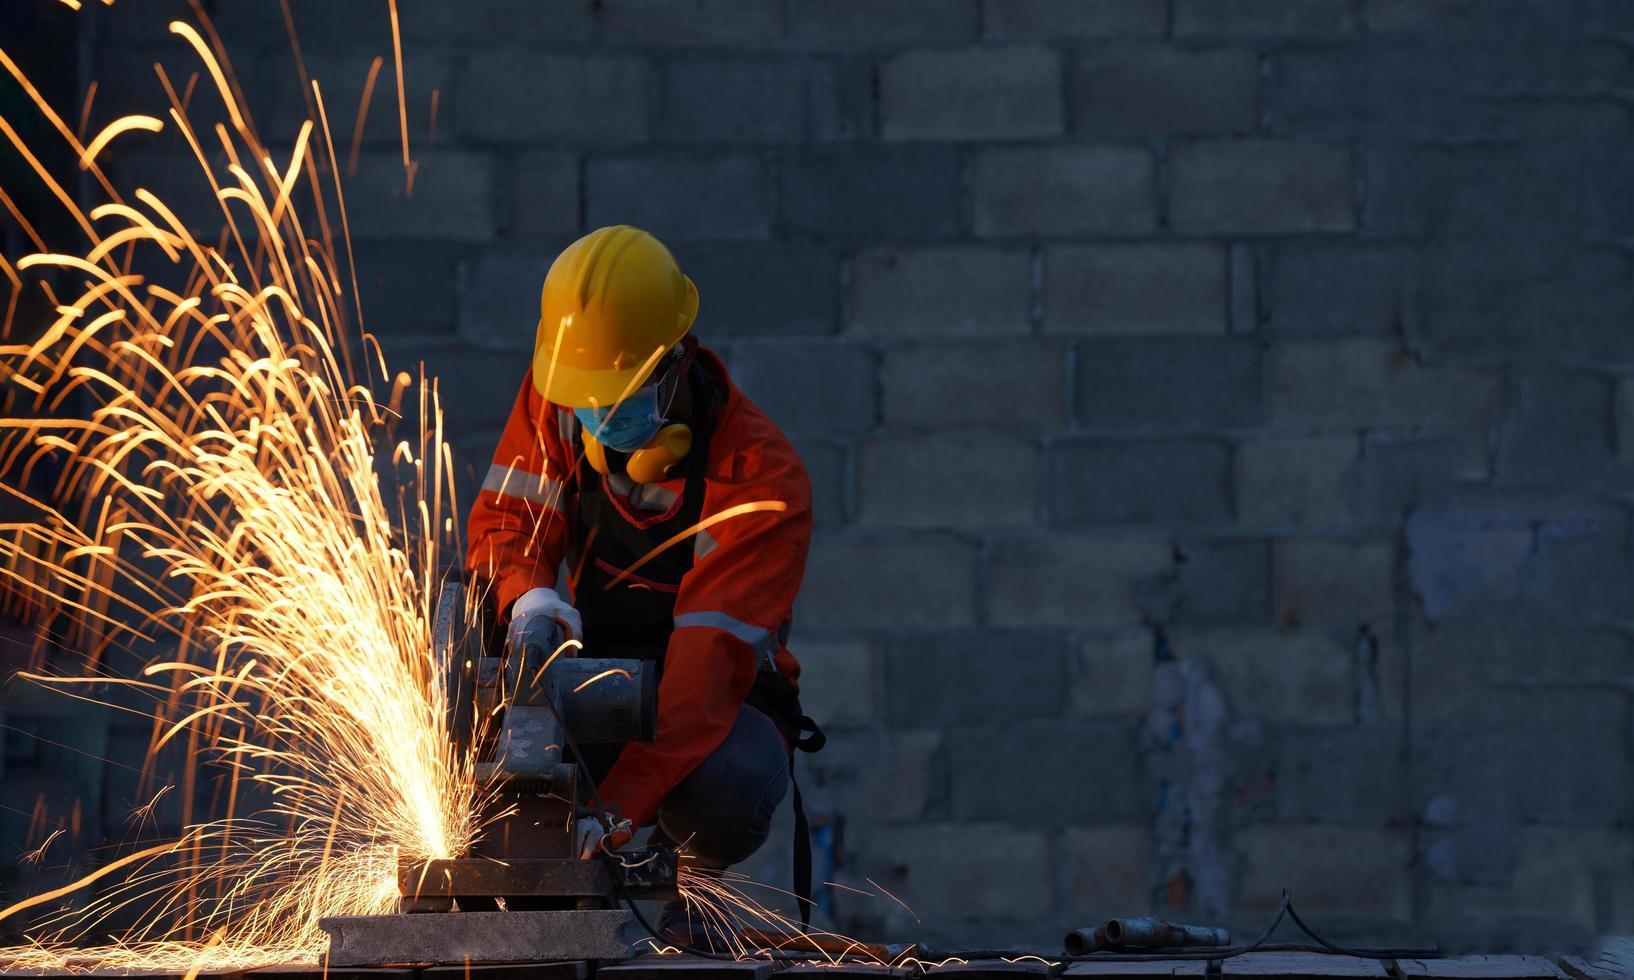 technicus die vezel snijplatform gebruikt om staal te snijden foto